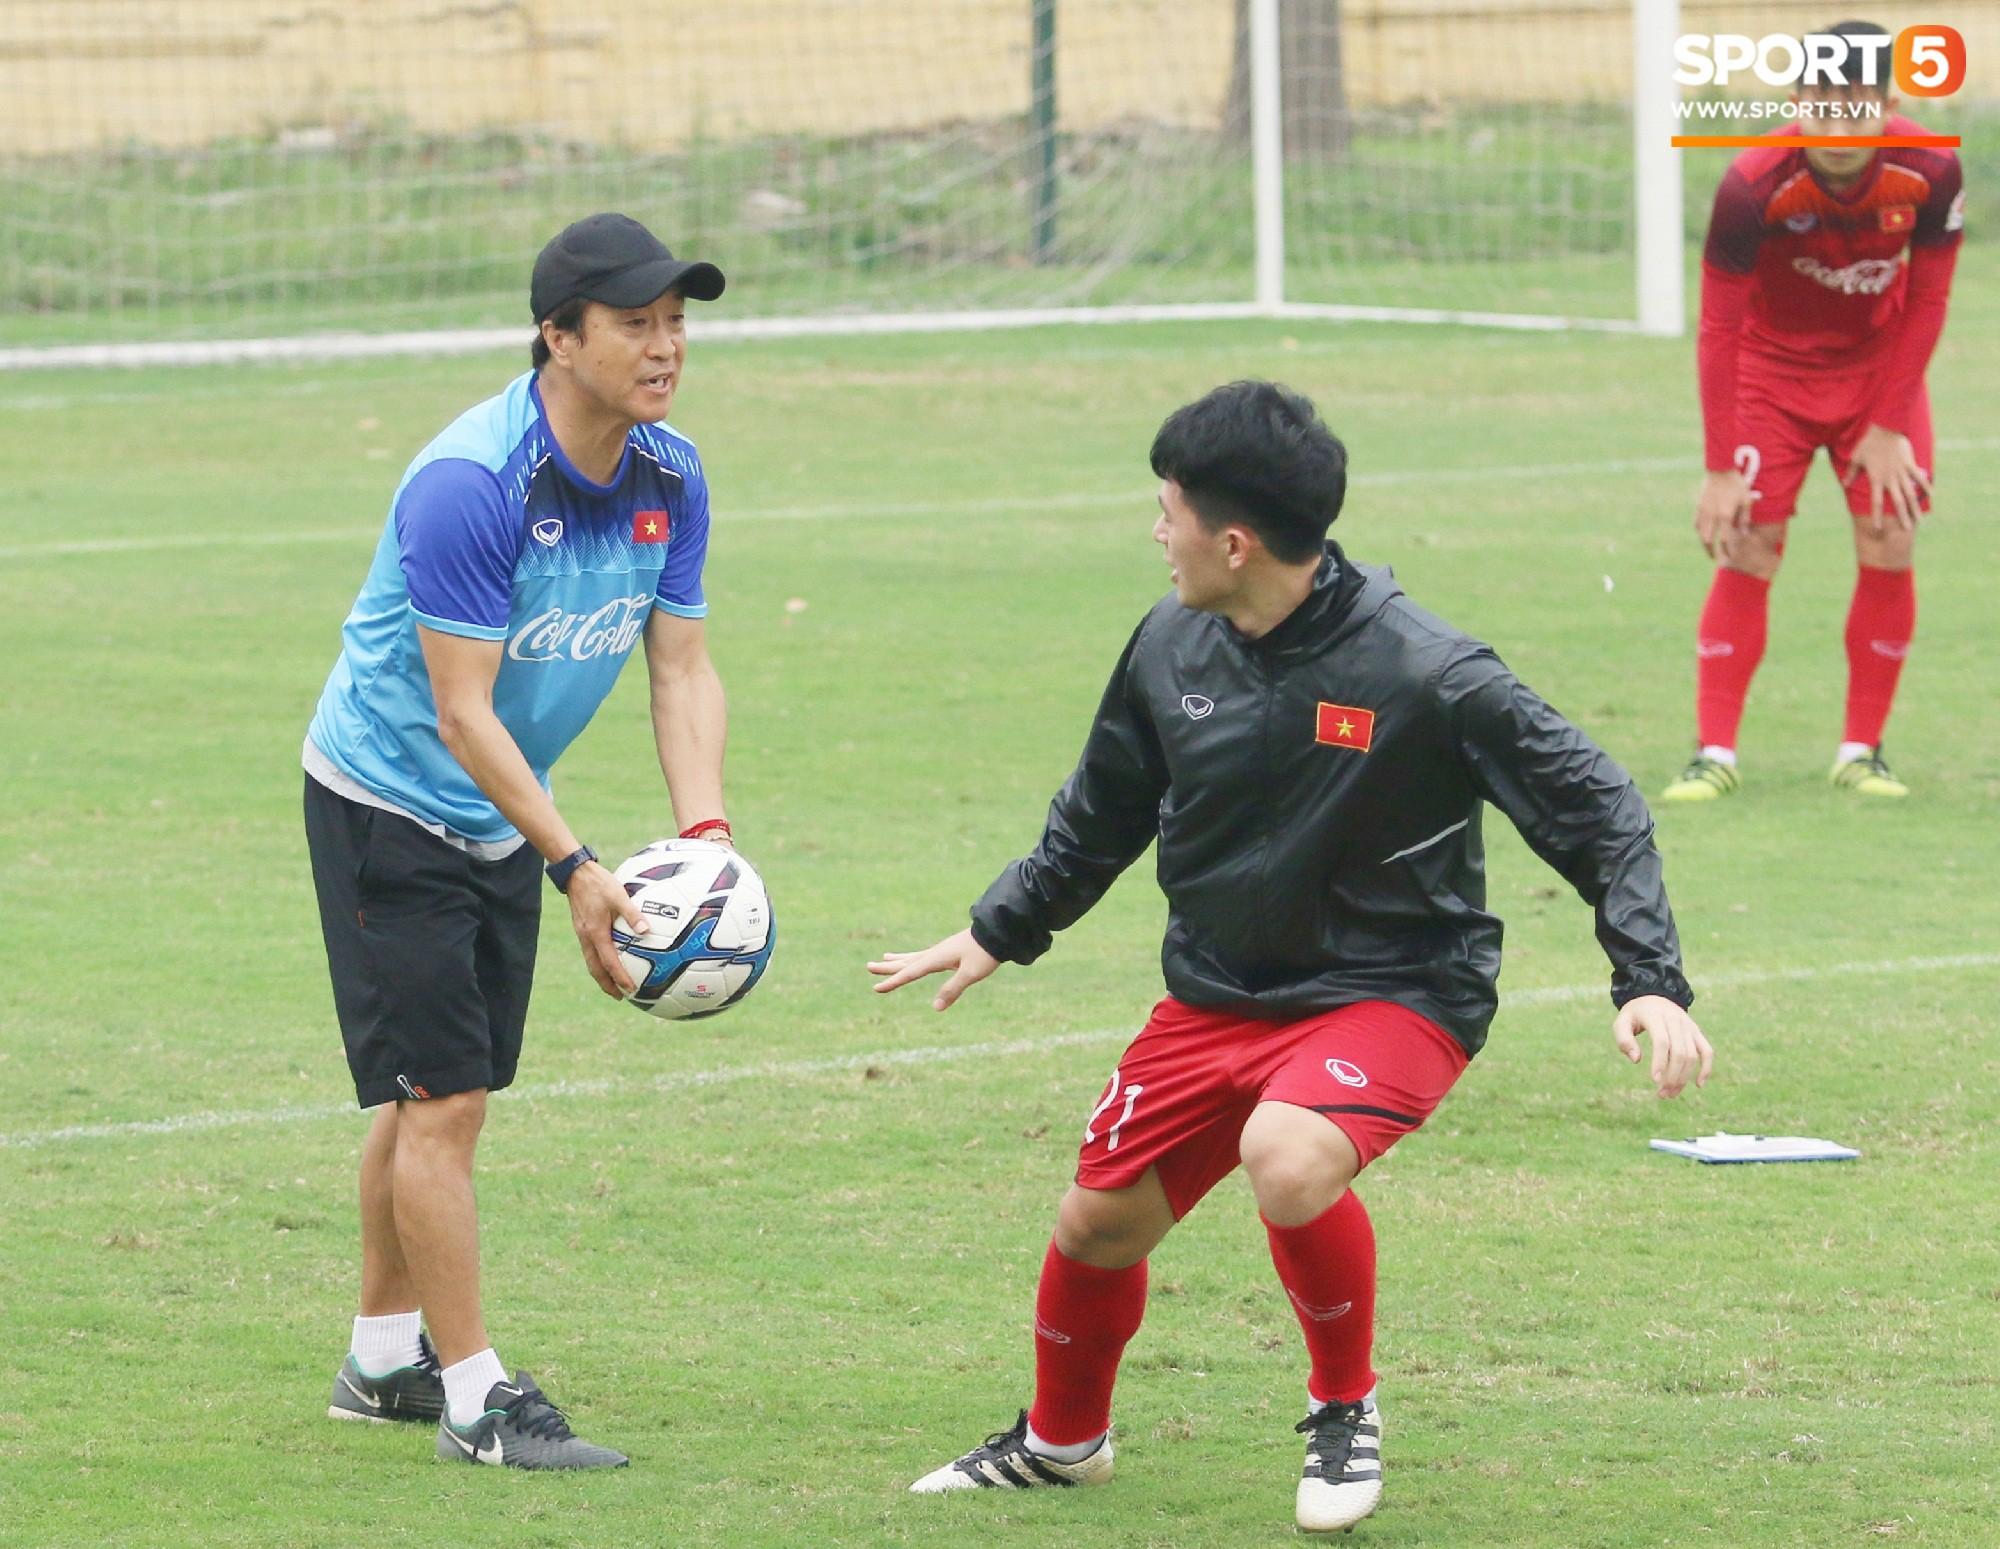 Đình Trọng được thầy Lee Young-jin bổ túc riêng, đẩy nhanh quá trình giảm cân - Ảnh 2.